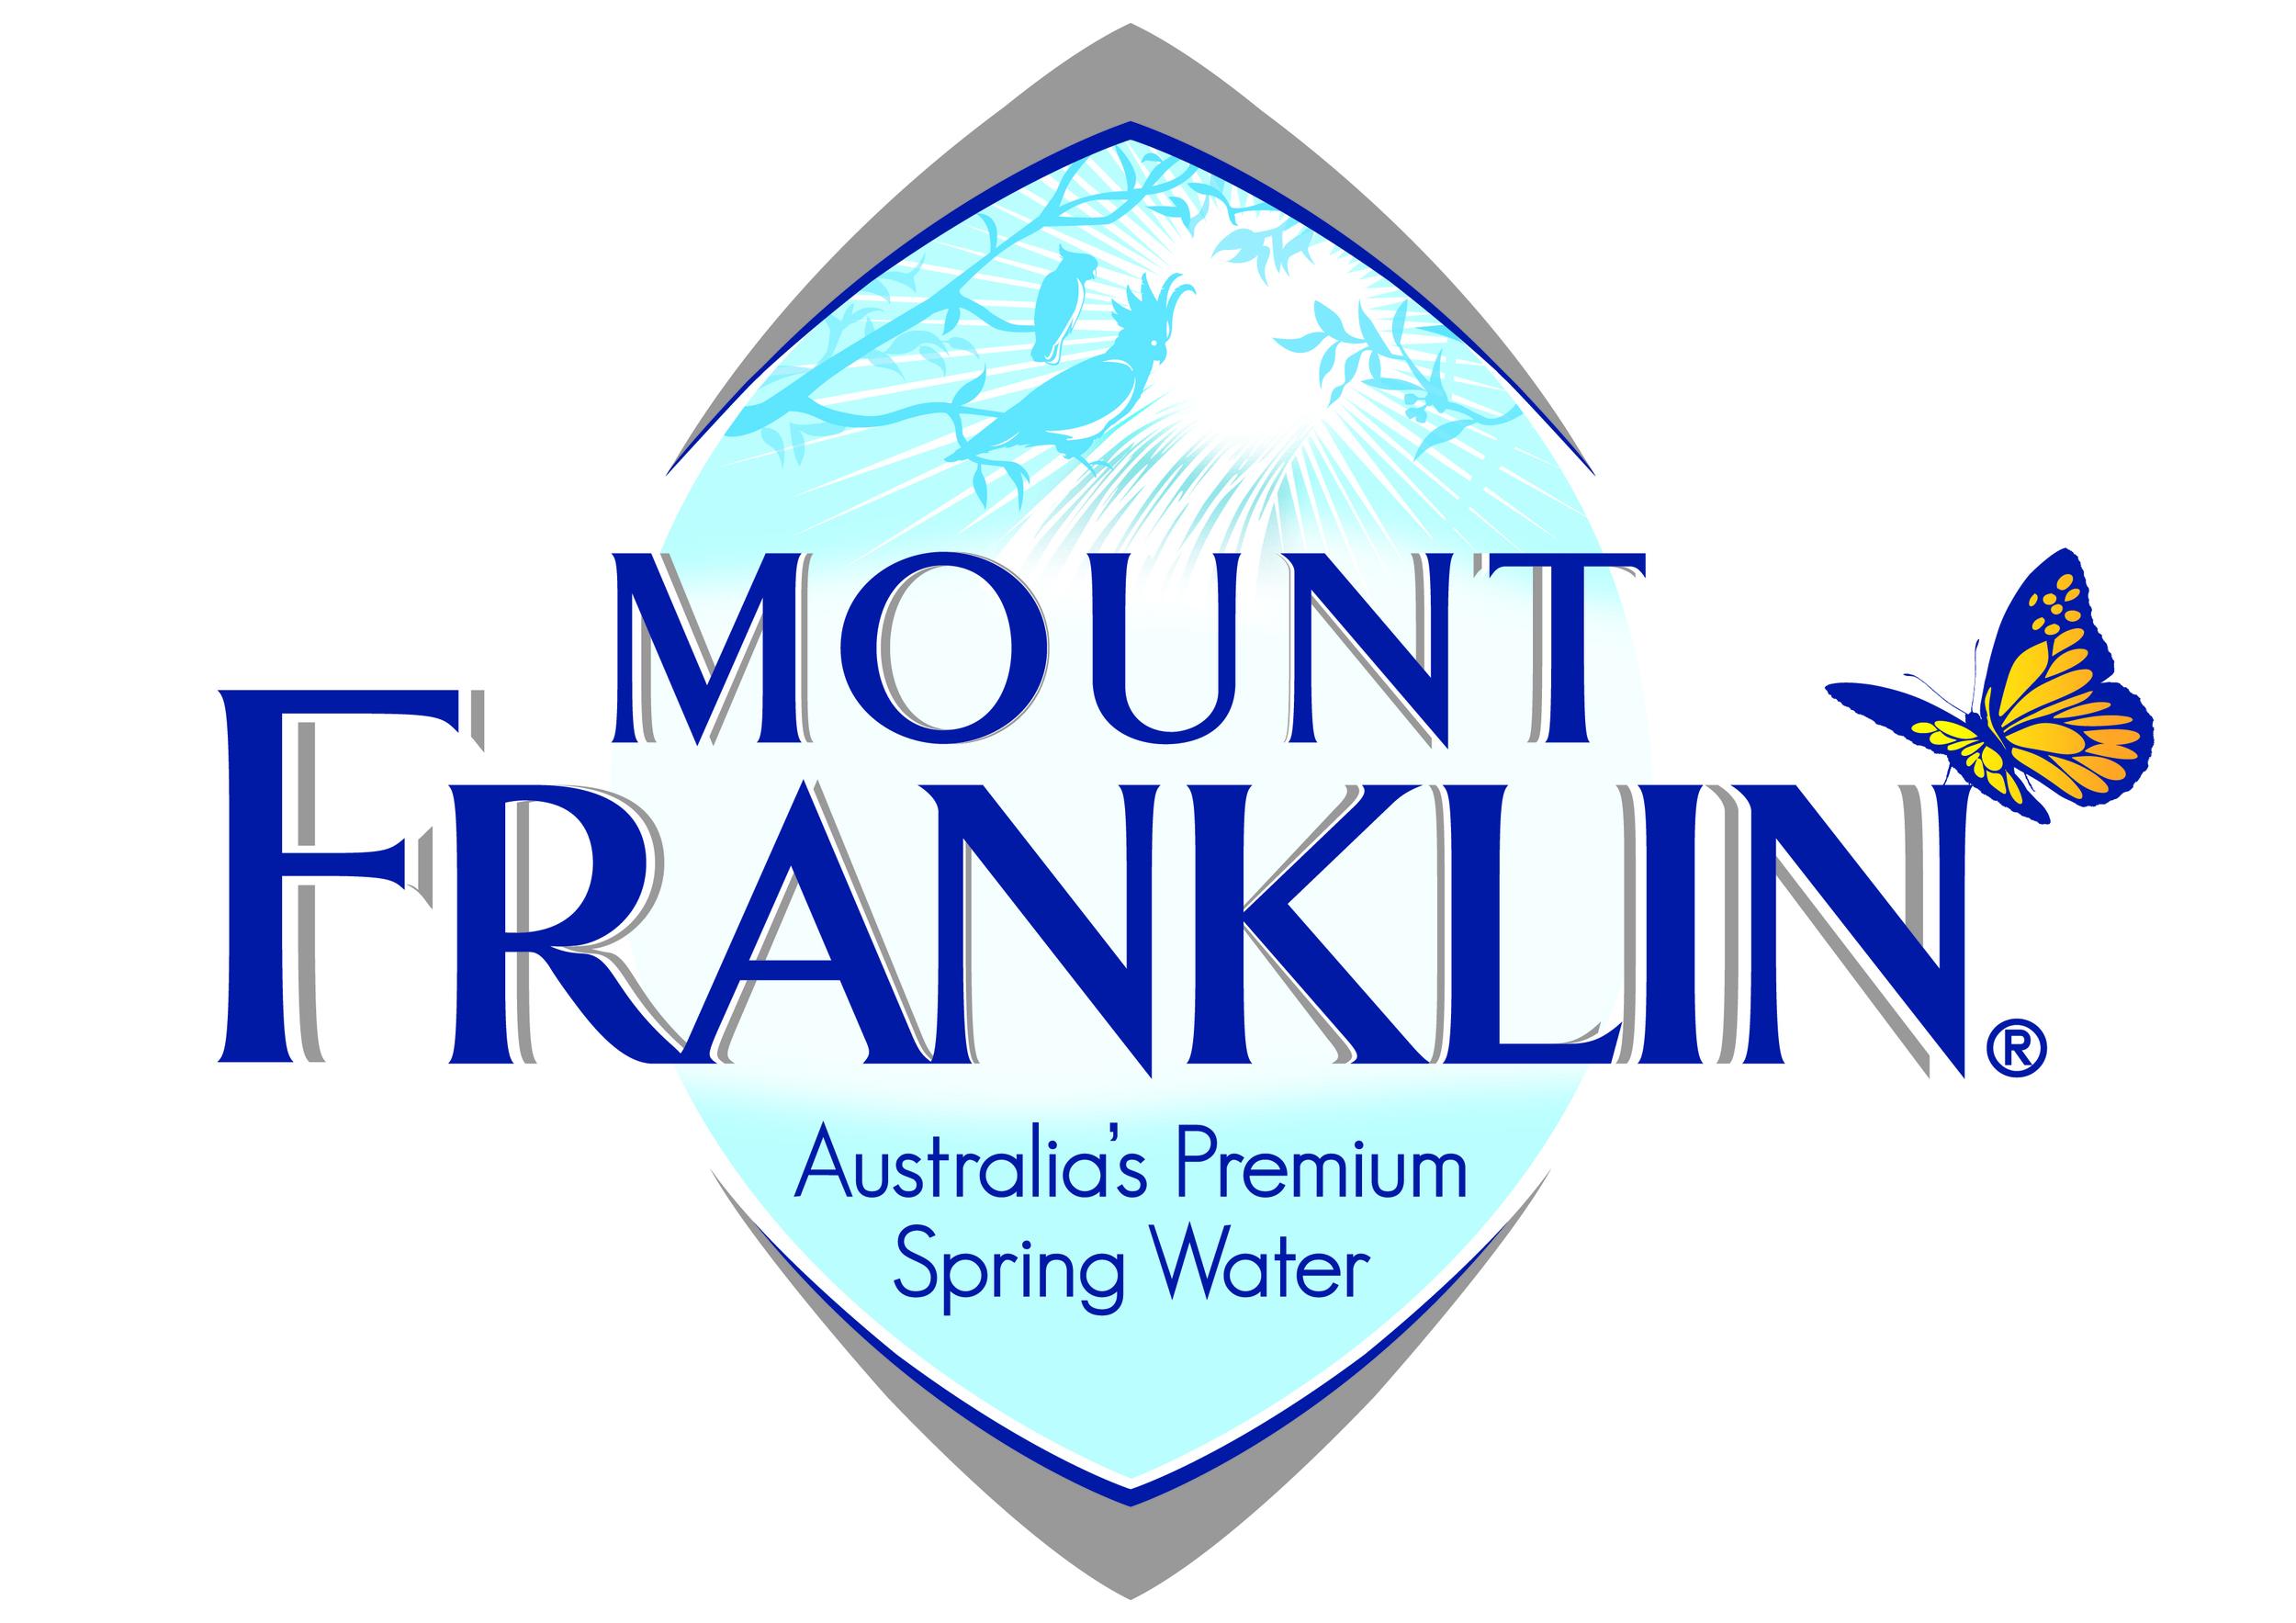 7. Mount Franklin_HI RES_Label_Logo.jpg